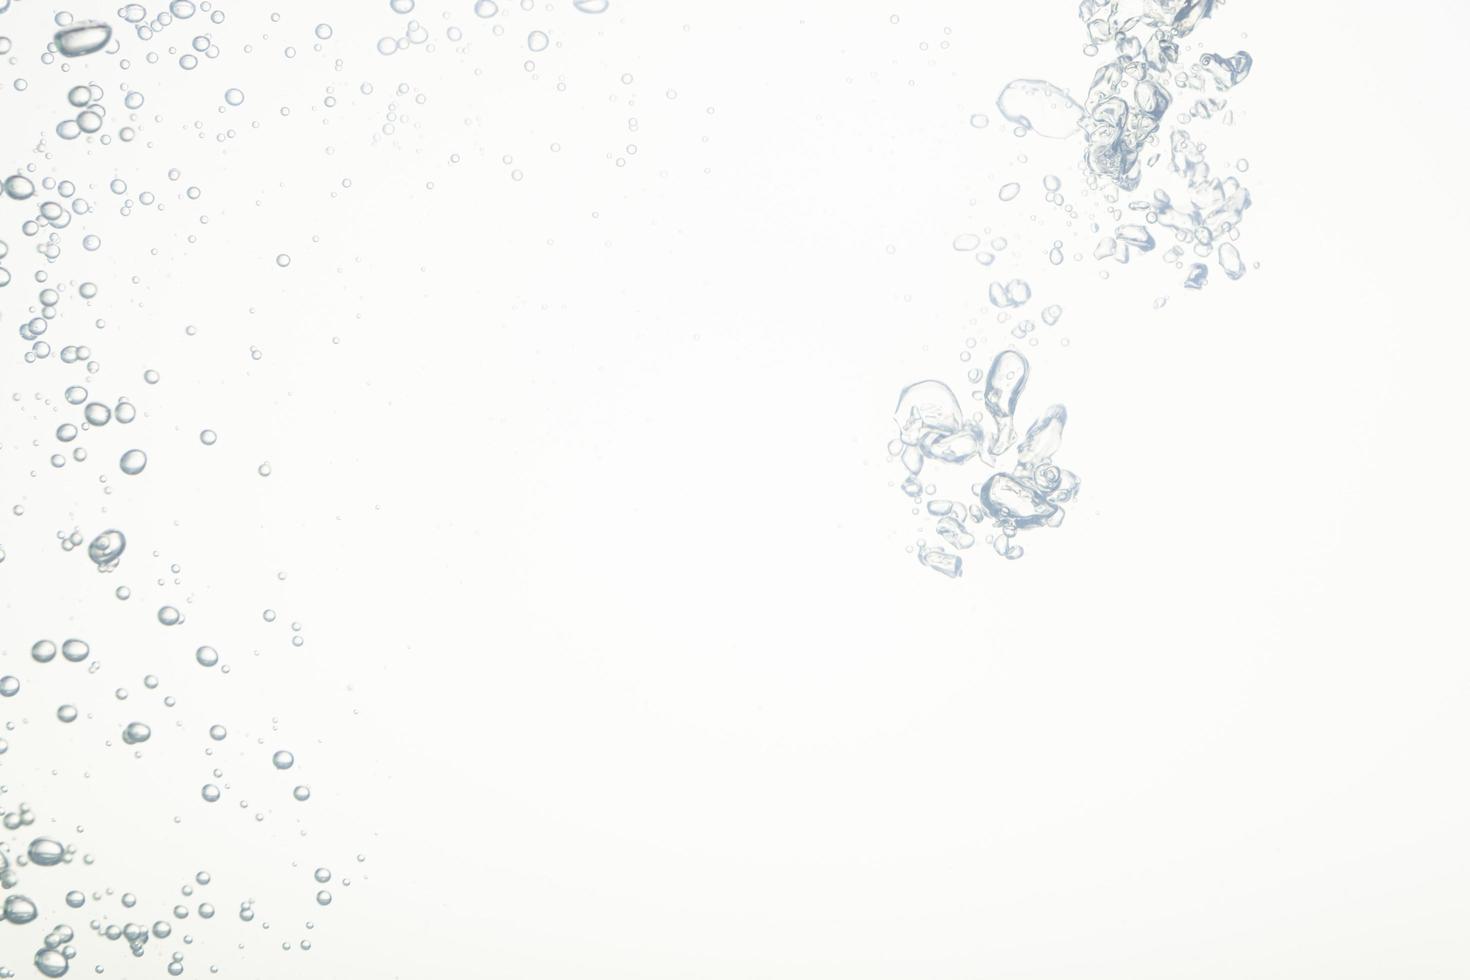 bellen in het water foto